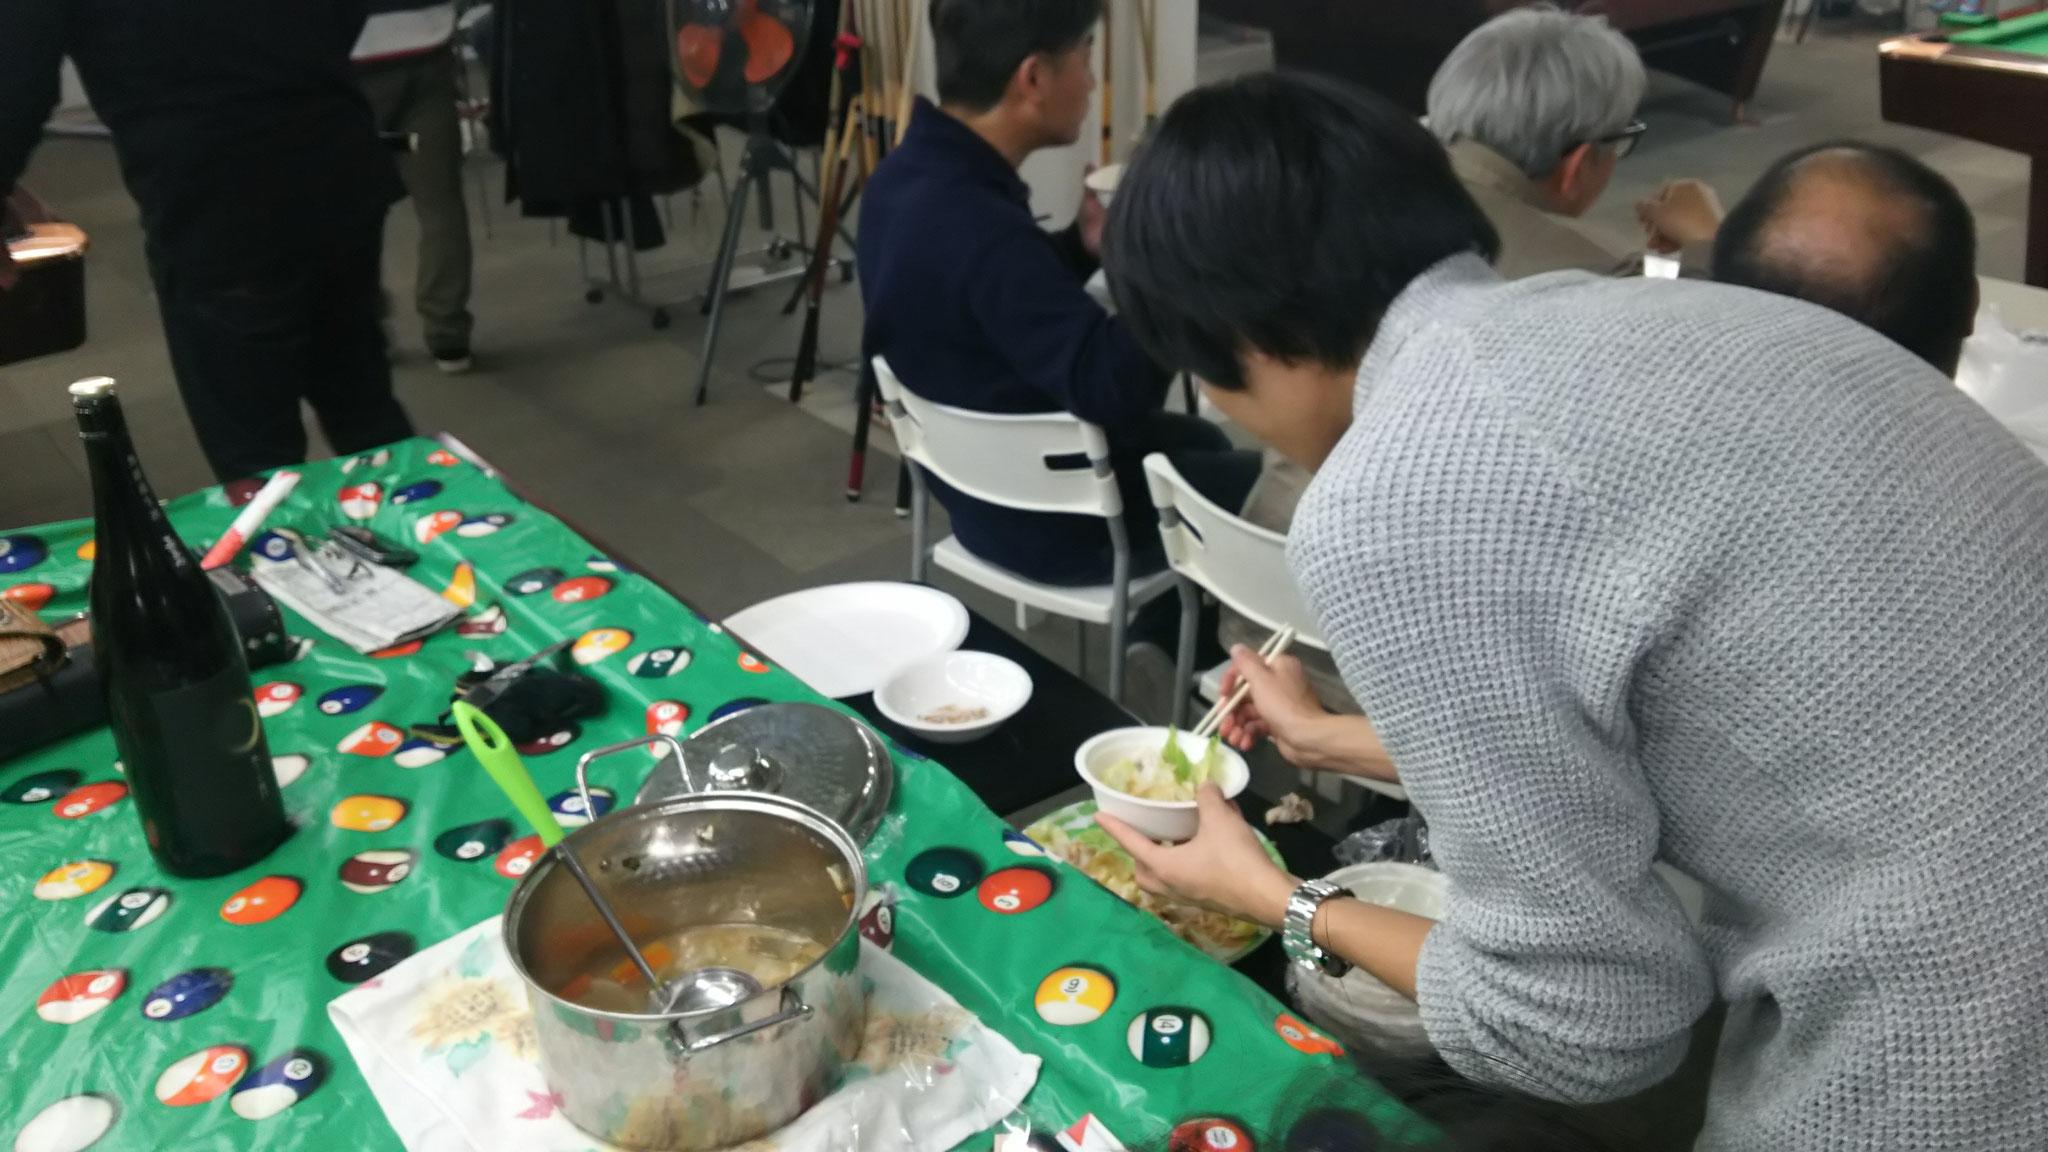 徳永君の食事をアサル風景